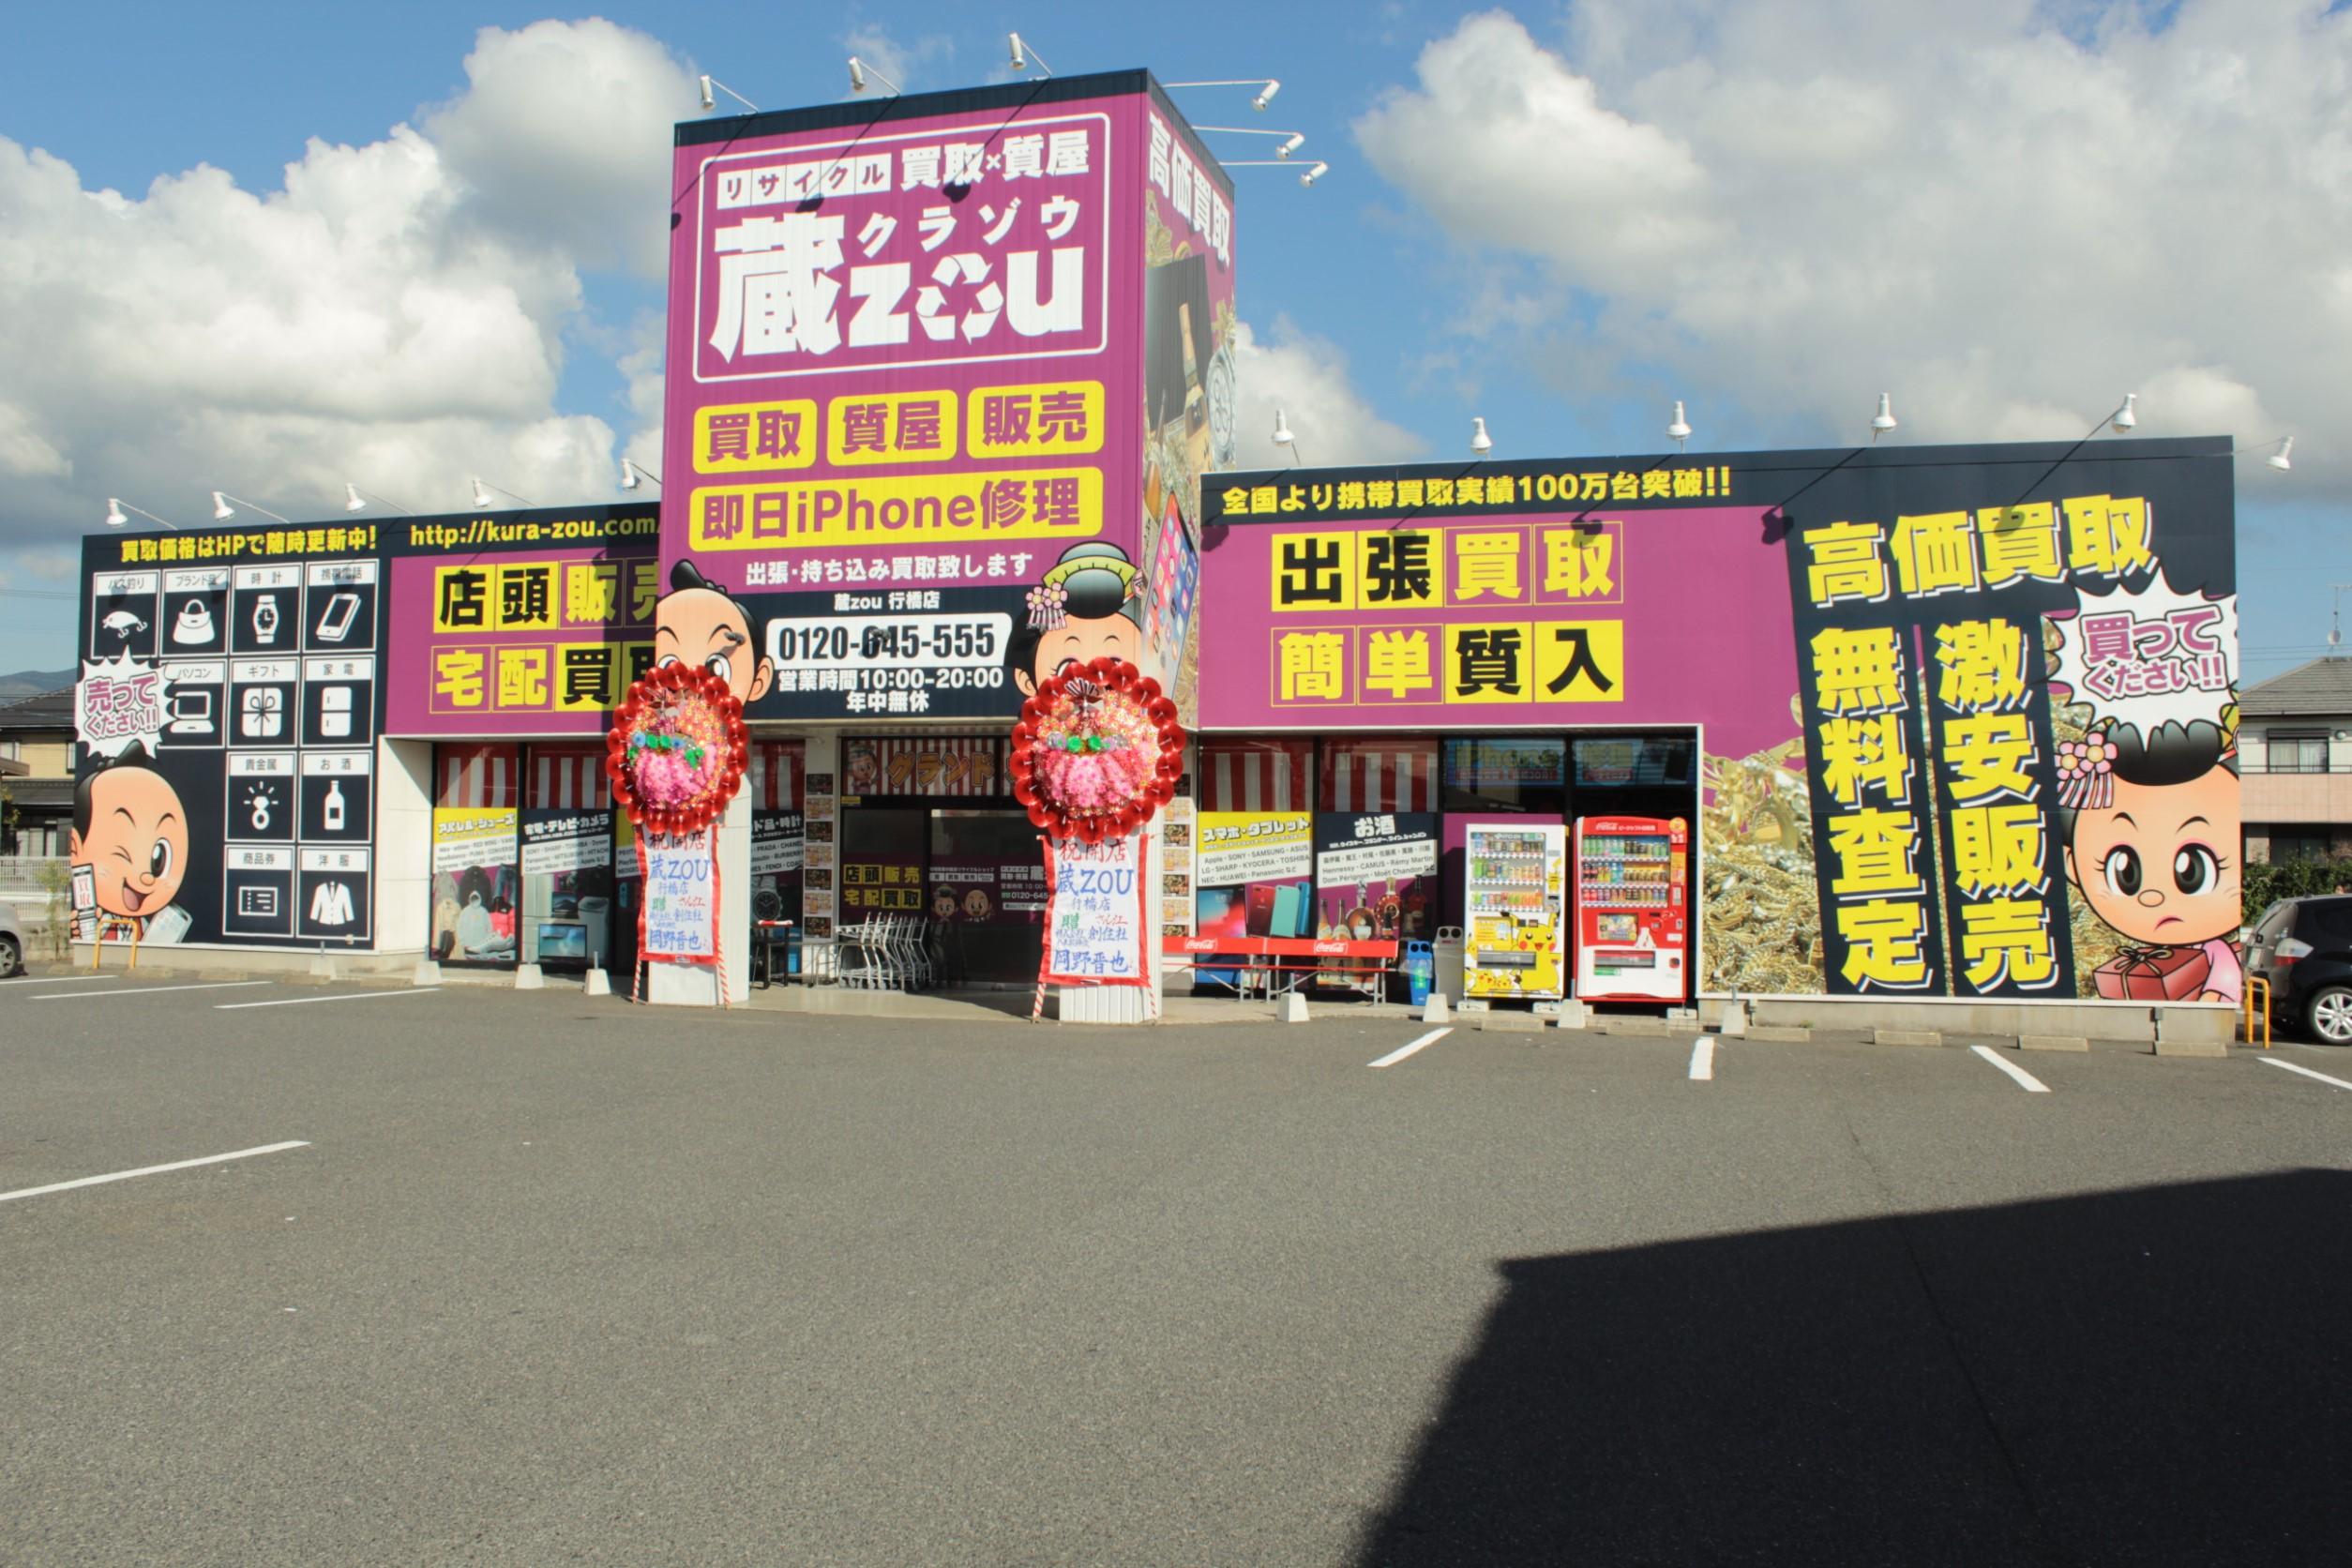 IMG_kurazou